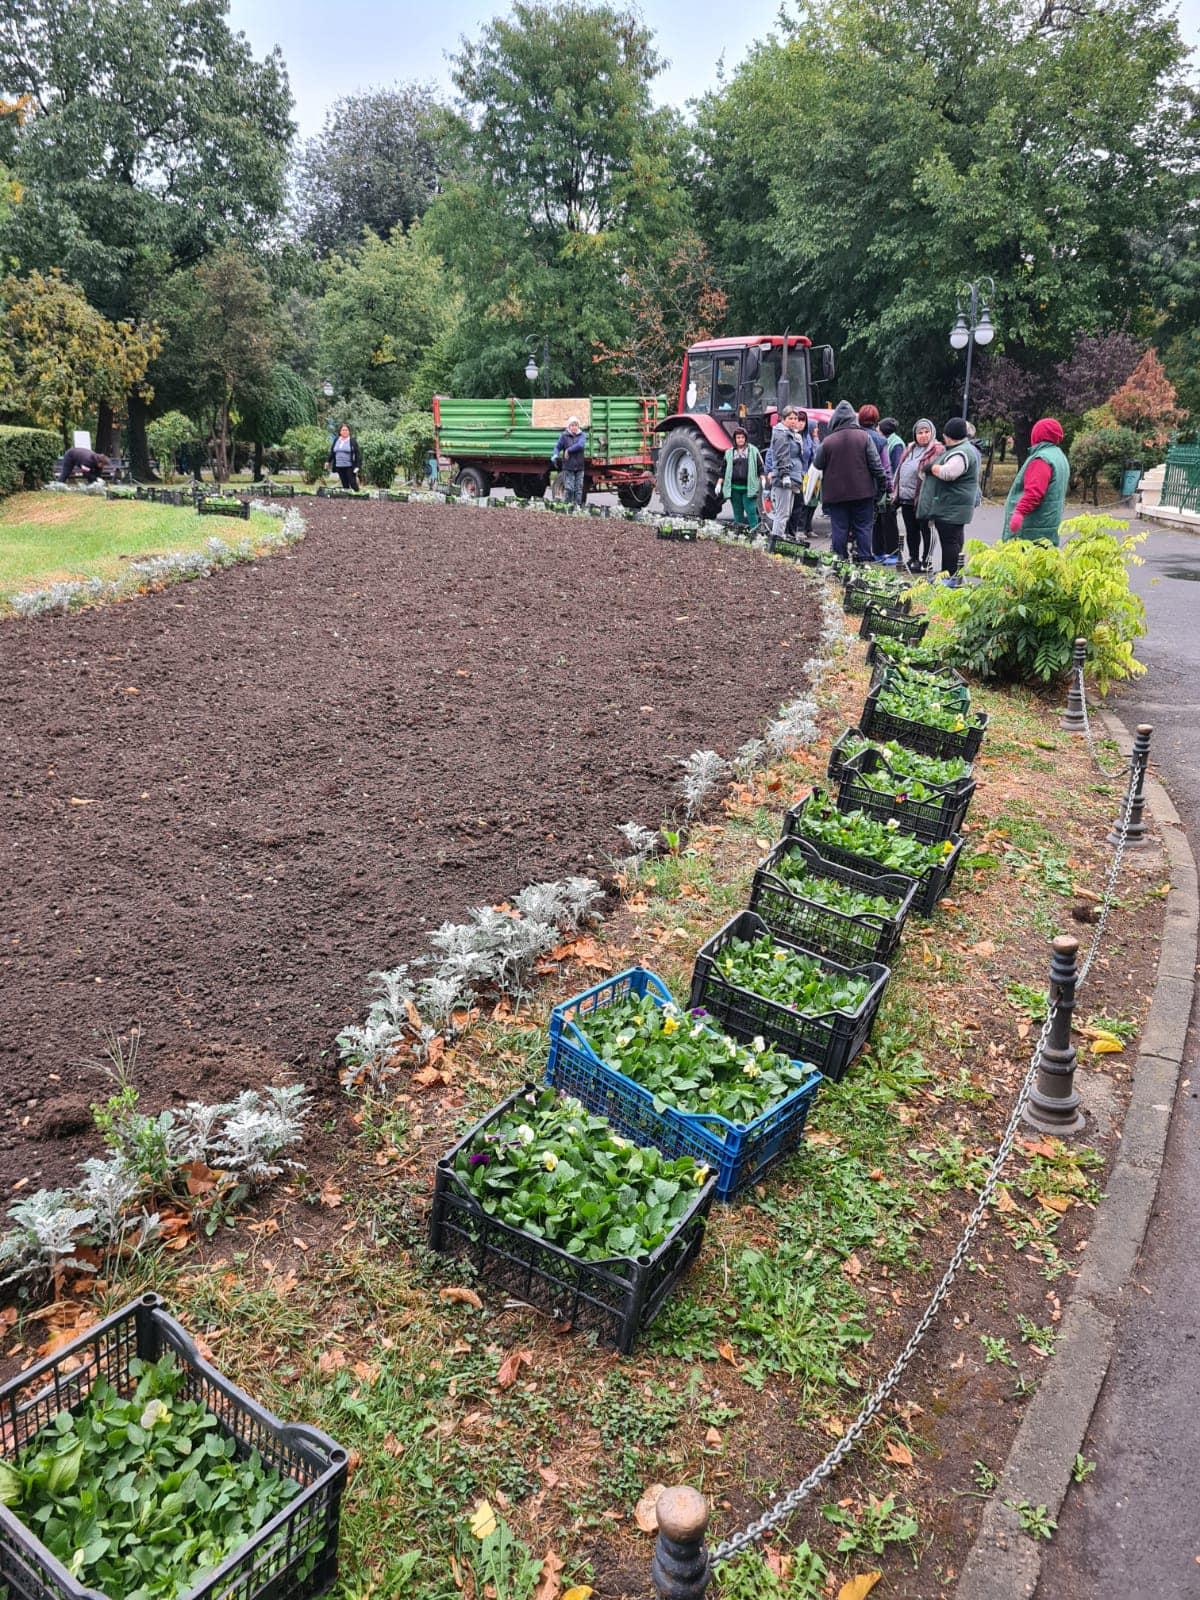 Se plantează panseluțe în Parcul Cișmigiu. O nouă acțiune bulversantă, după cea a curățării statuilor